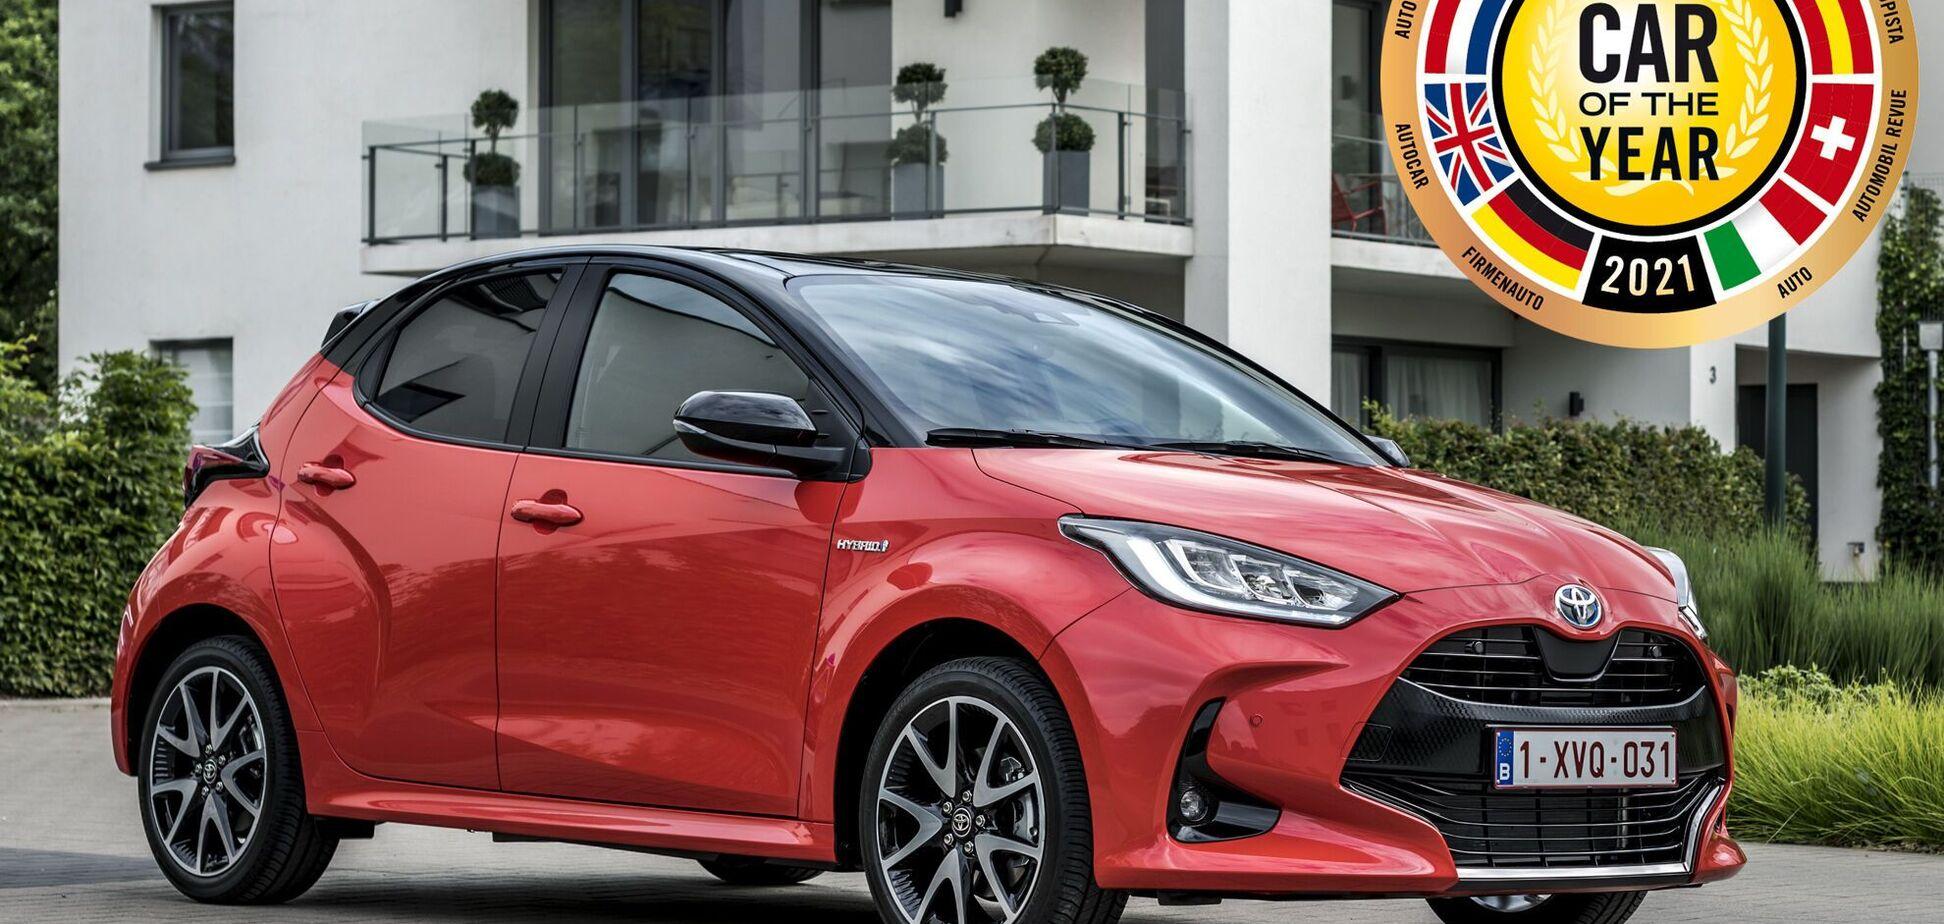 Toyota Yaris став 'Автомобілем року 2021' у Європі